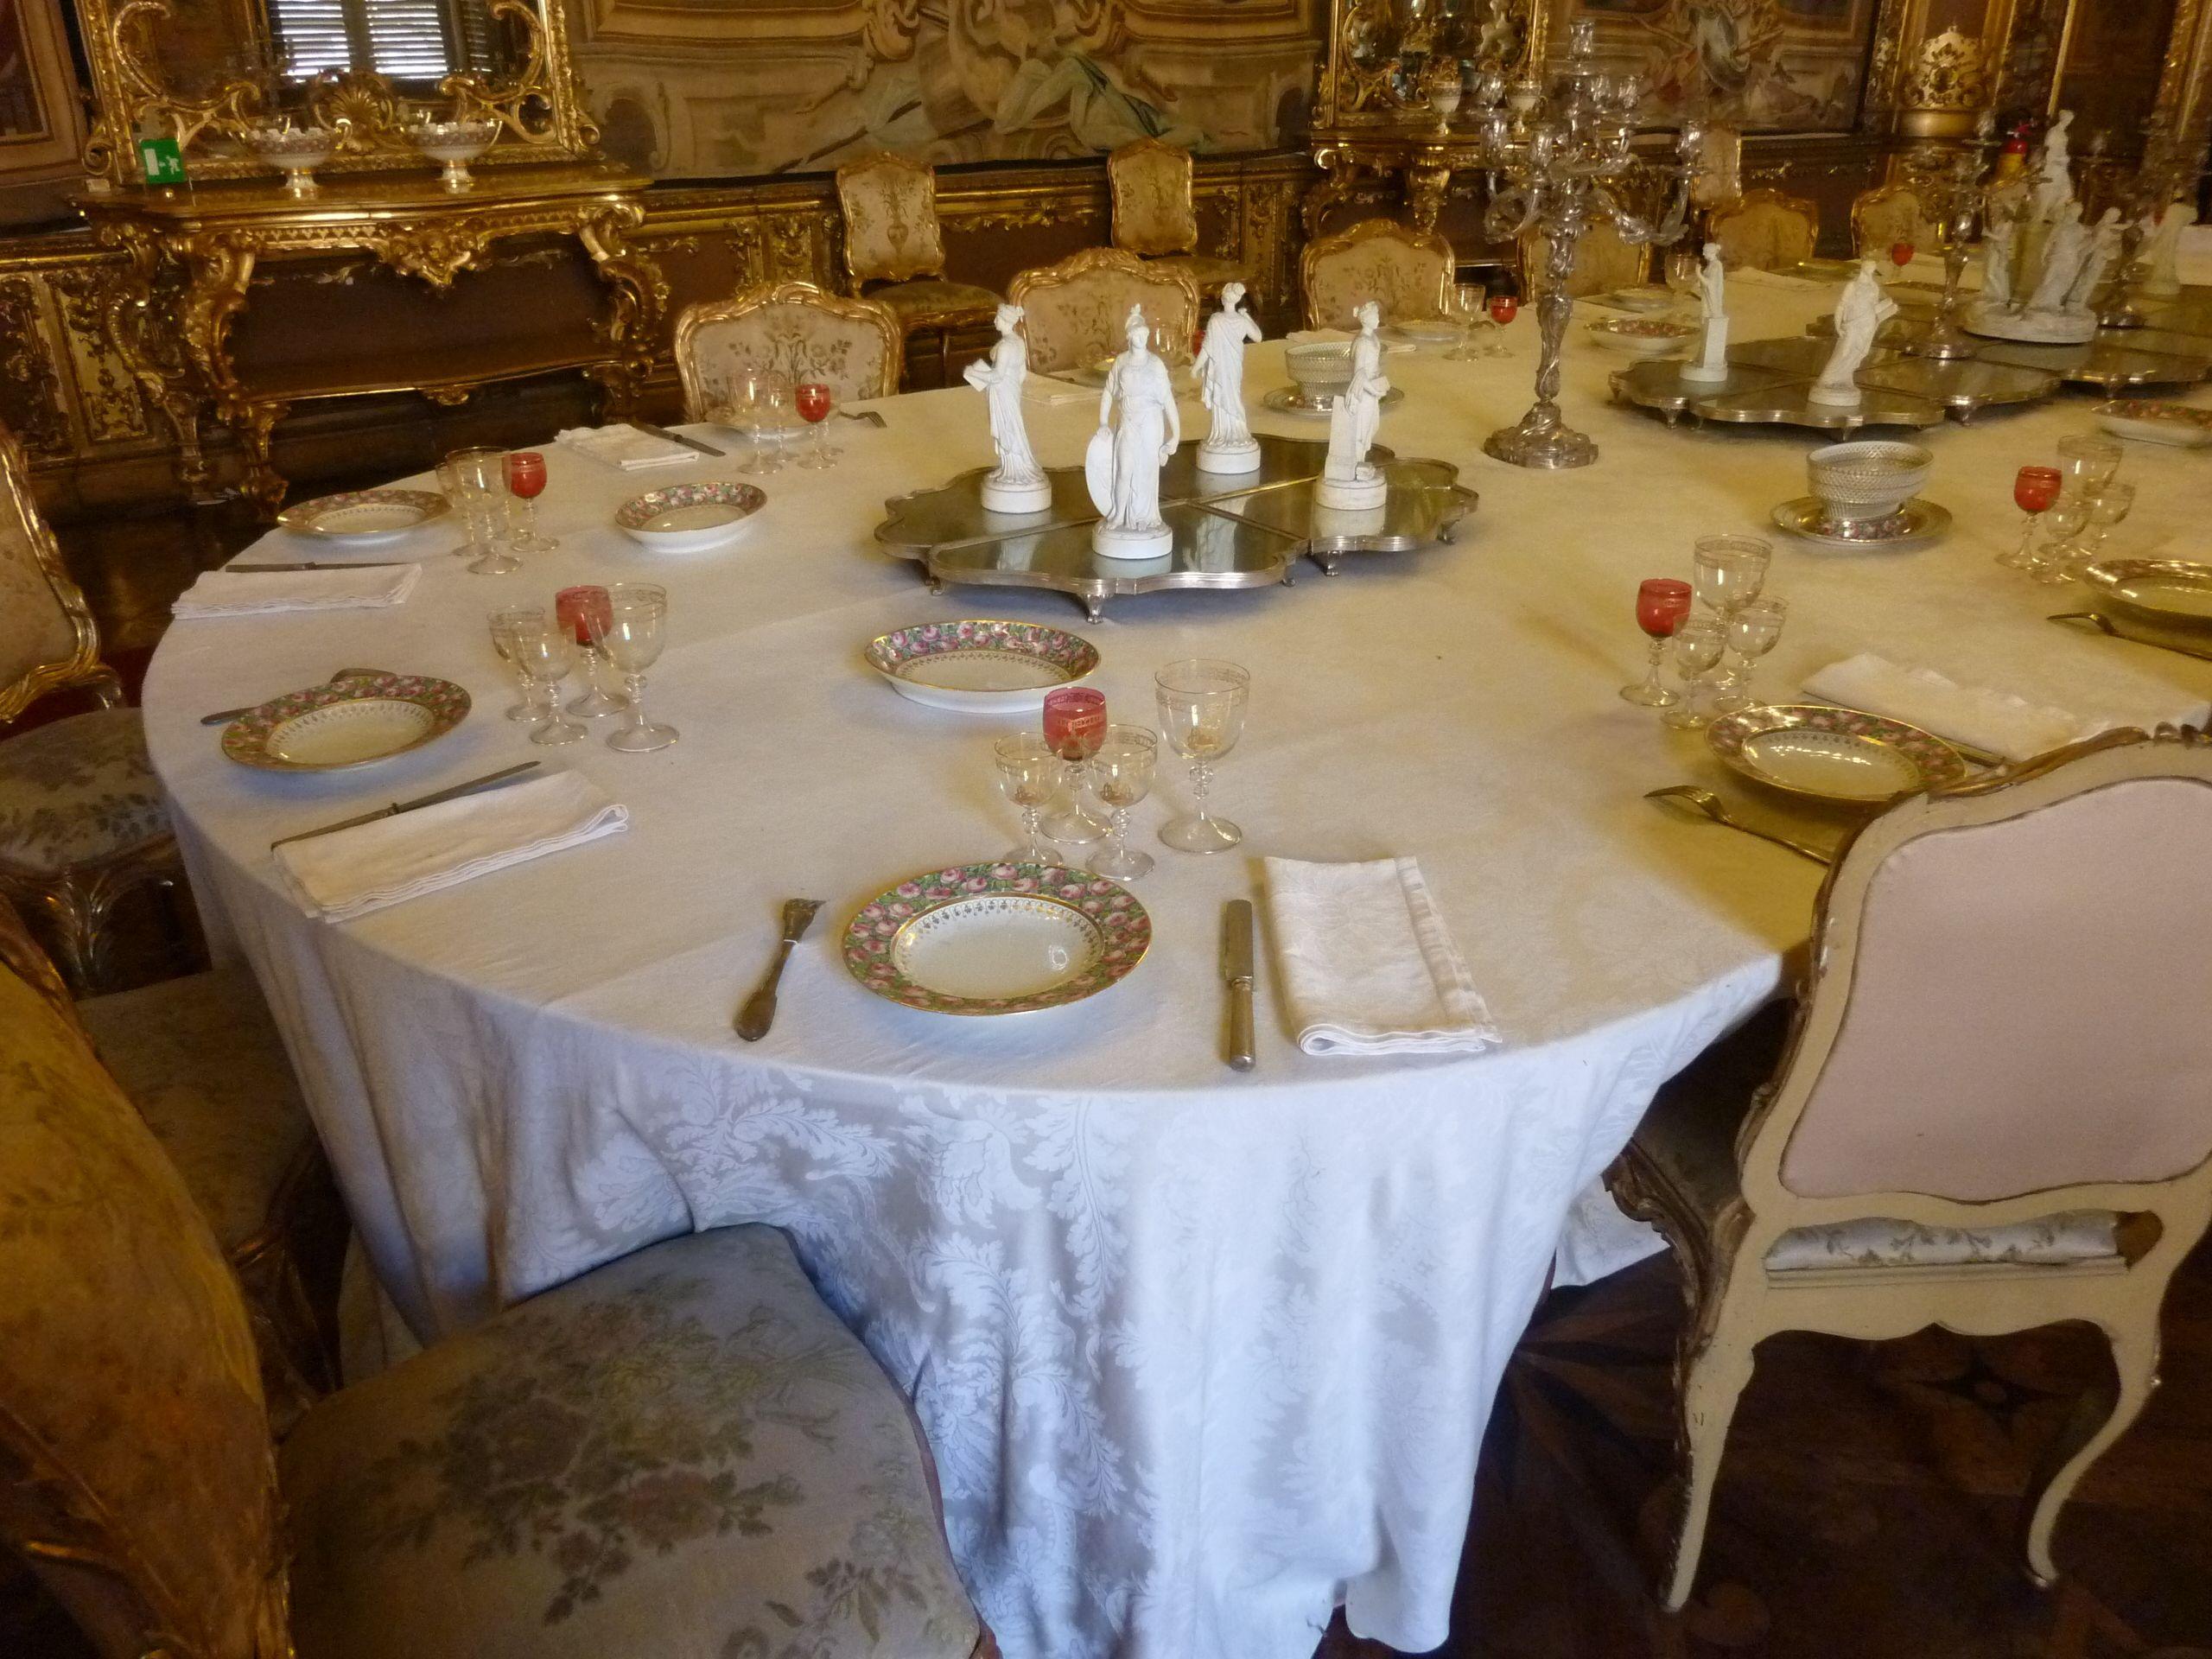 Palazzo reale di torino tavola della sala da pranzo dell - Tavola da pranzo ...